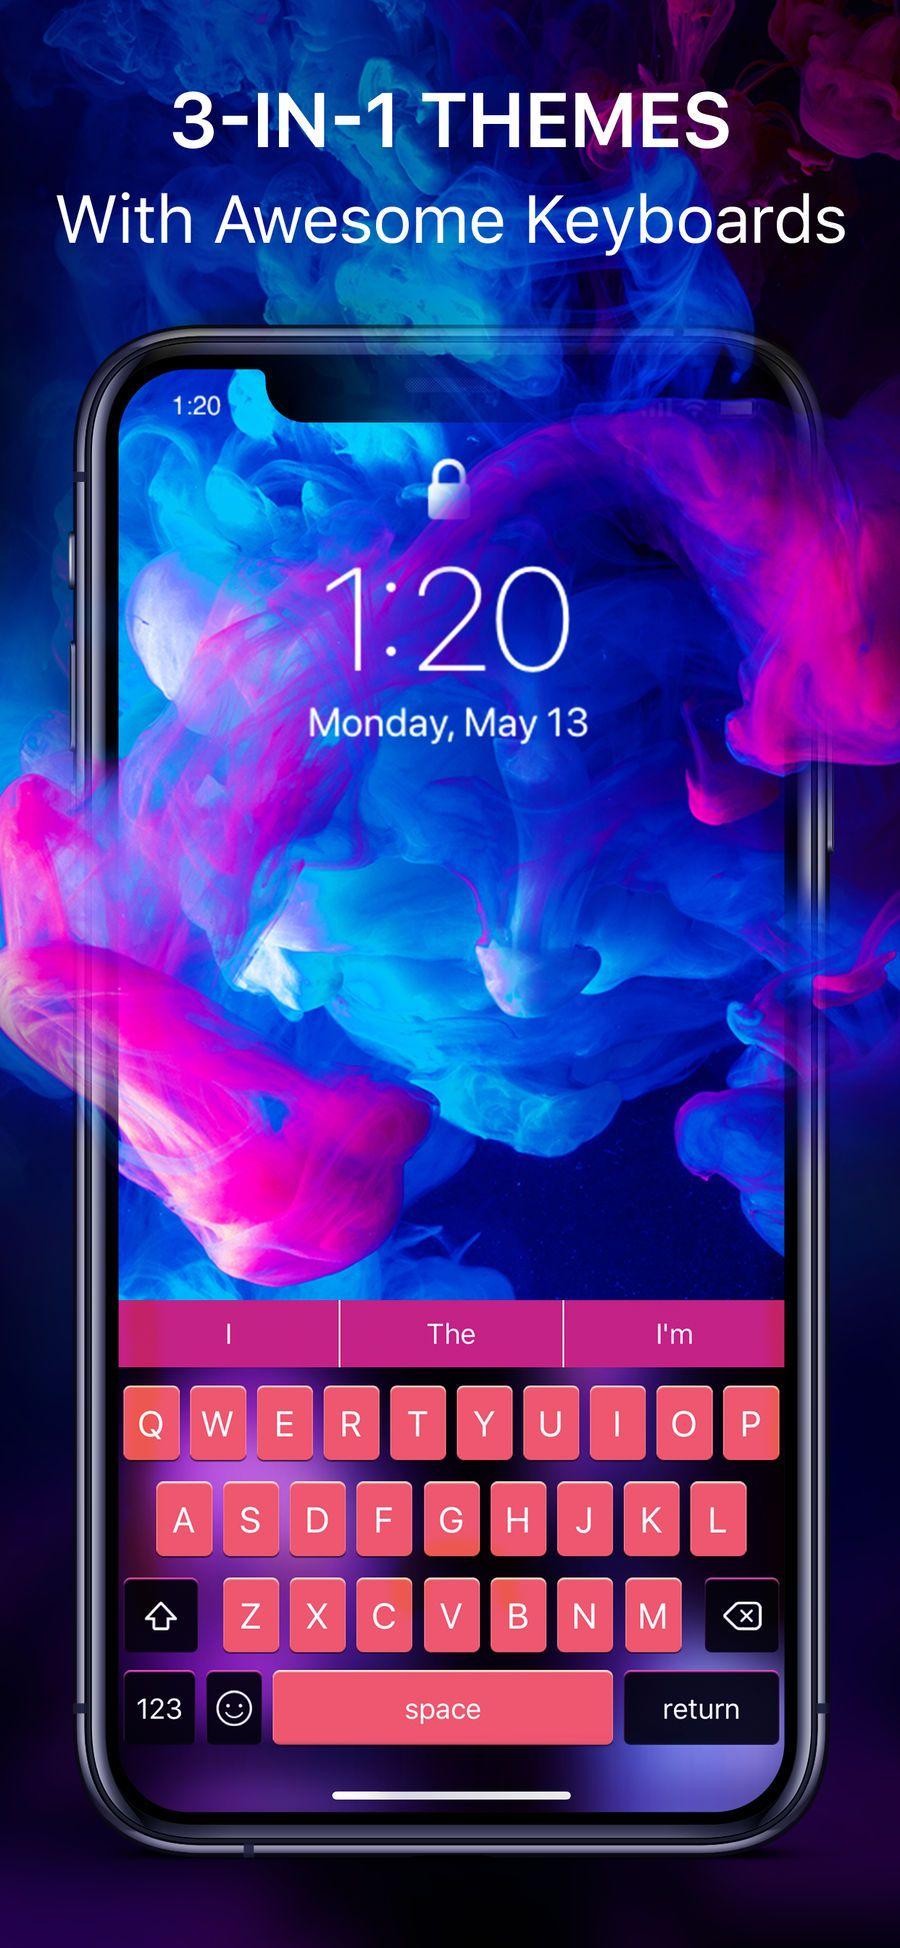 Live Wallpaper 4k On The App Store Fondos De Pantalla De Iphone Motorola Fondos De Pantalla Fondo De Pantalla Emoji